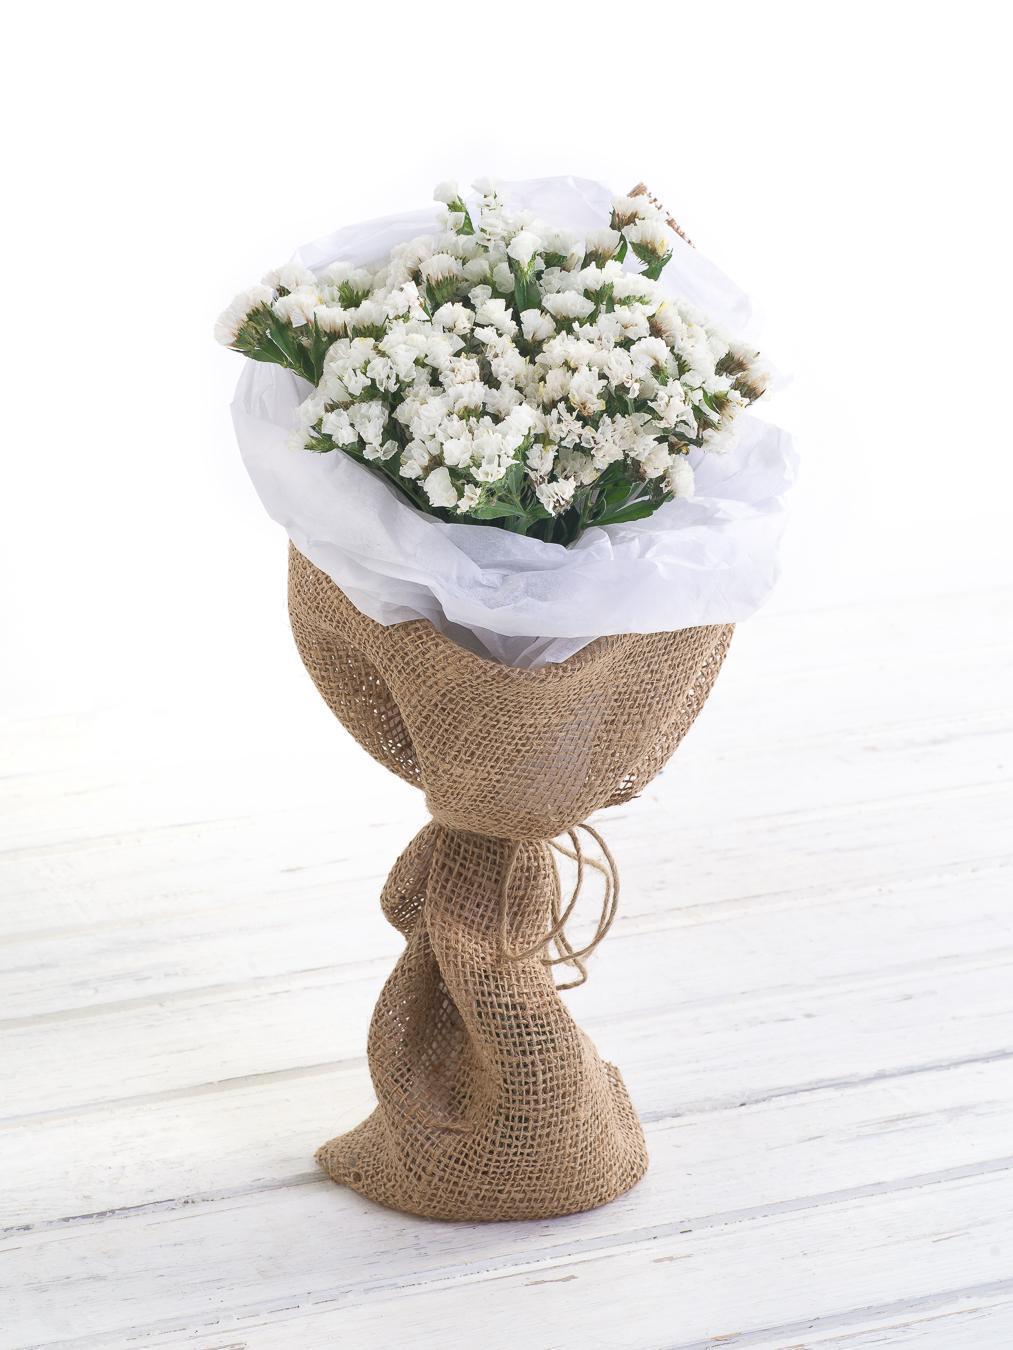 Авторский букет цветов Госпожа Бовари госпожа бовари саламбо